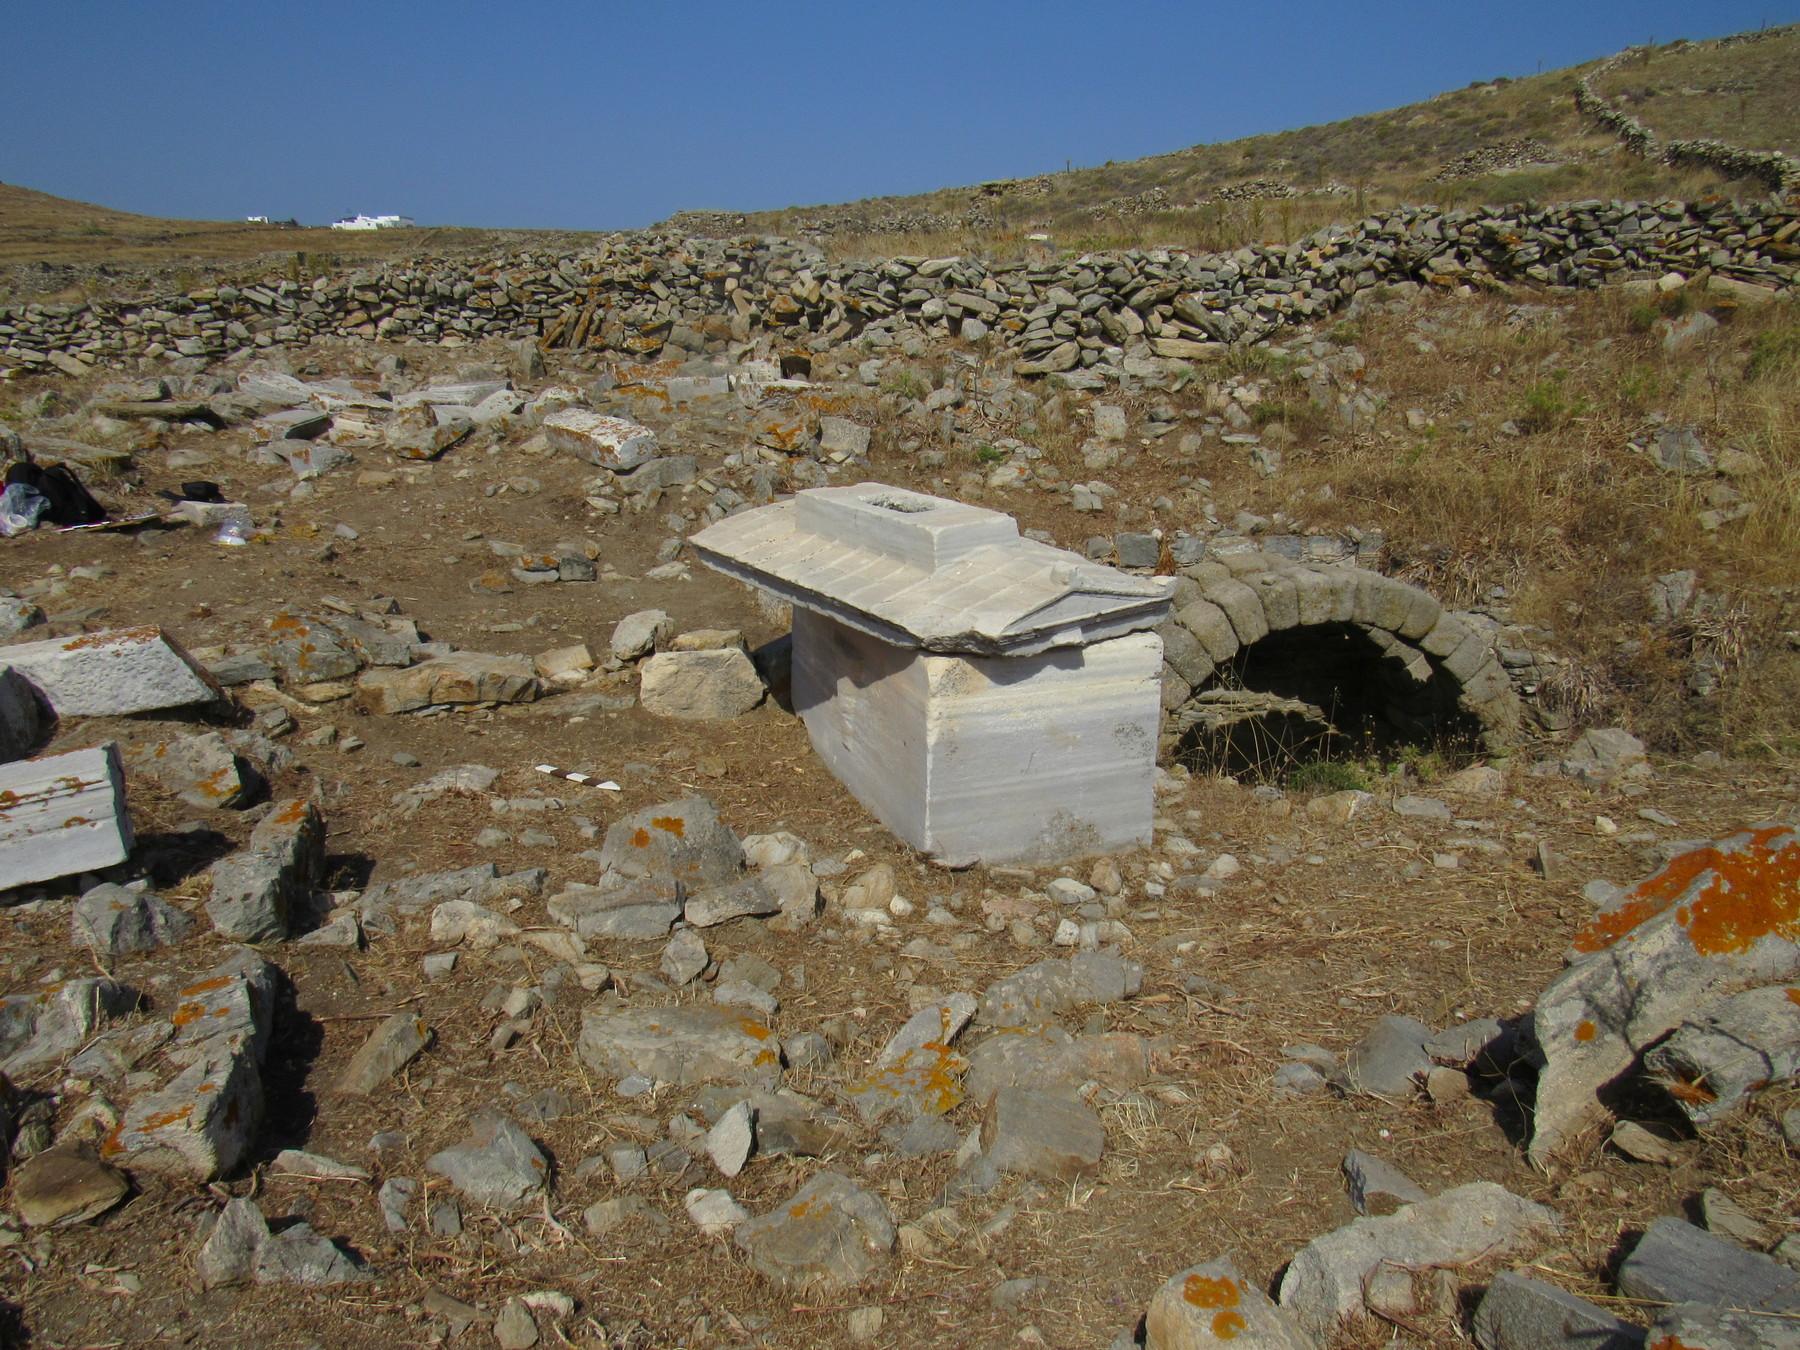 Ταφικός περίβολος με τη σαρκοφάγο της Ρωμαίας Τερτίας Ωραρίας Τρυφέρας και δεξαμενή για τις ταφικές τελετουργίες